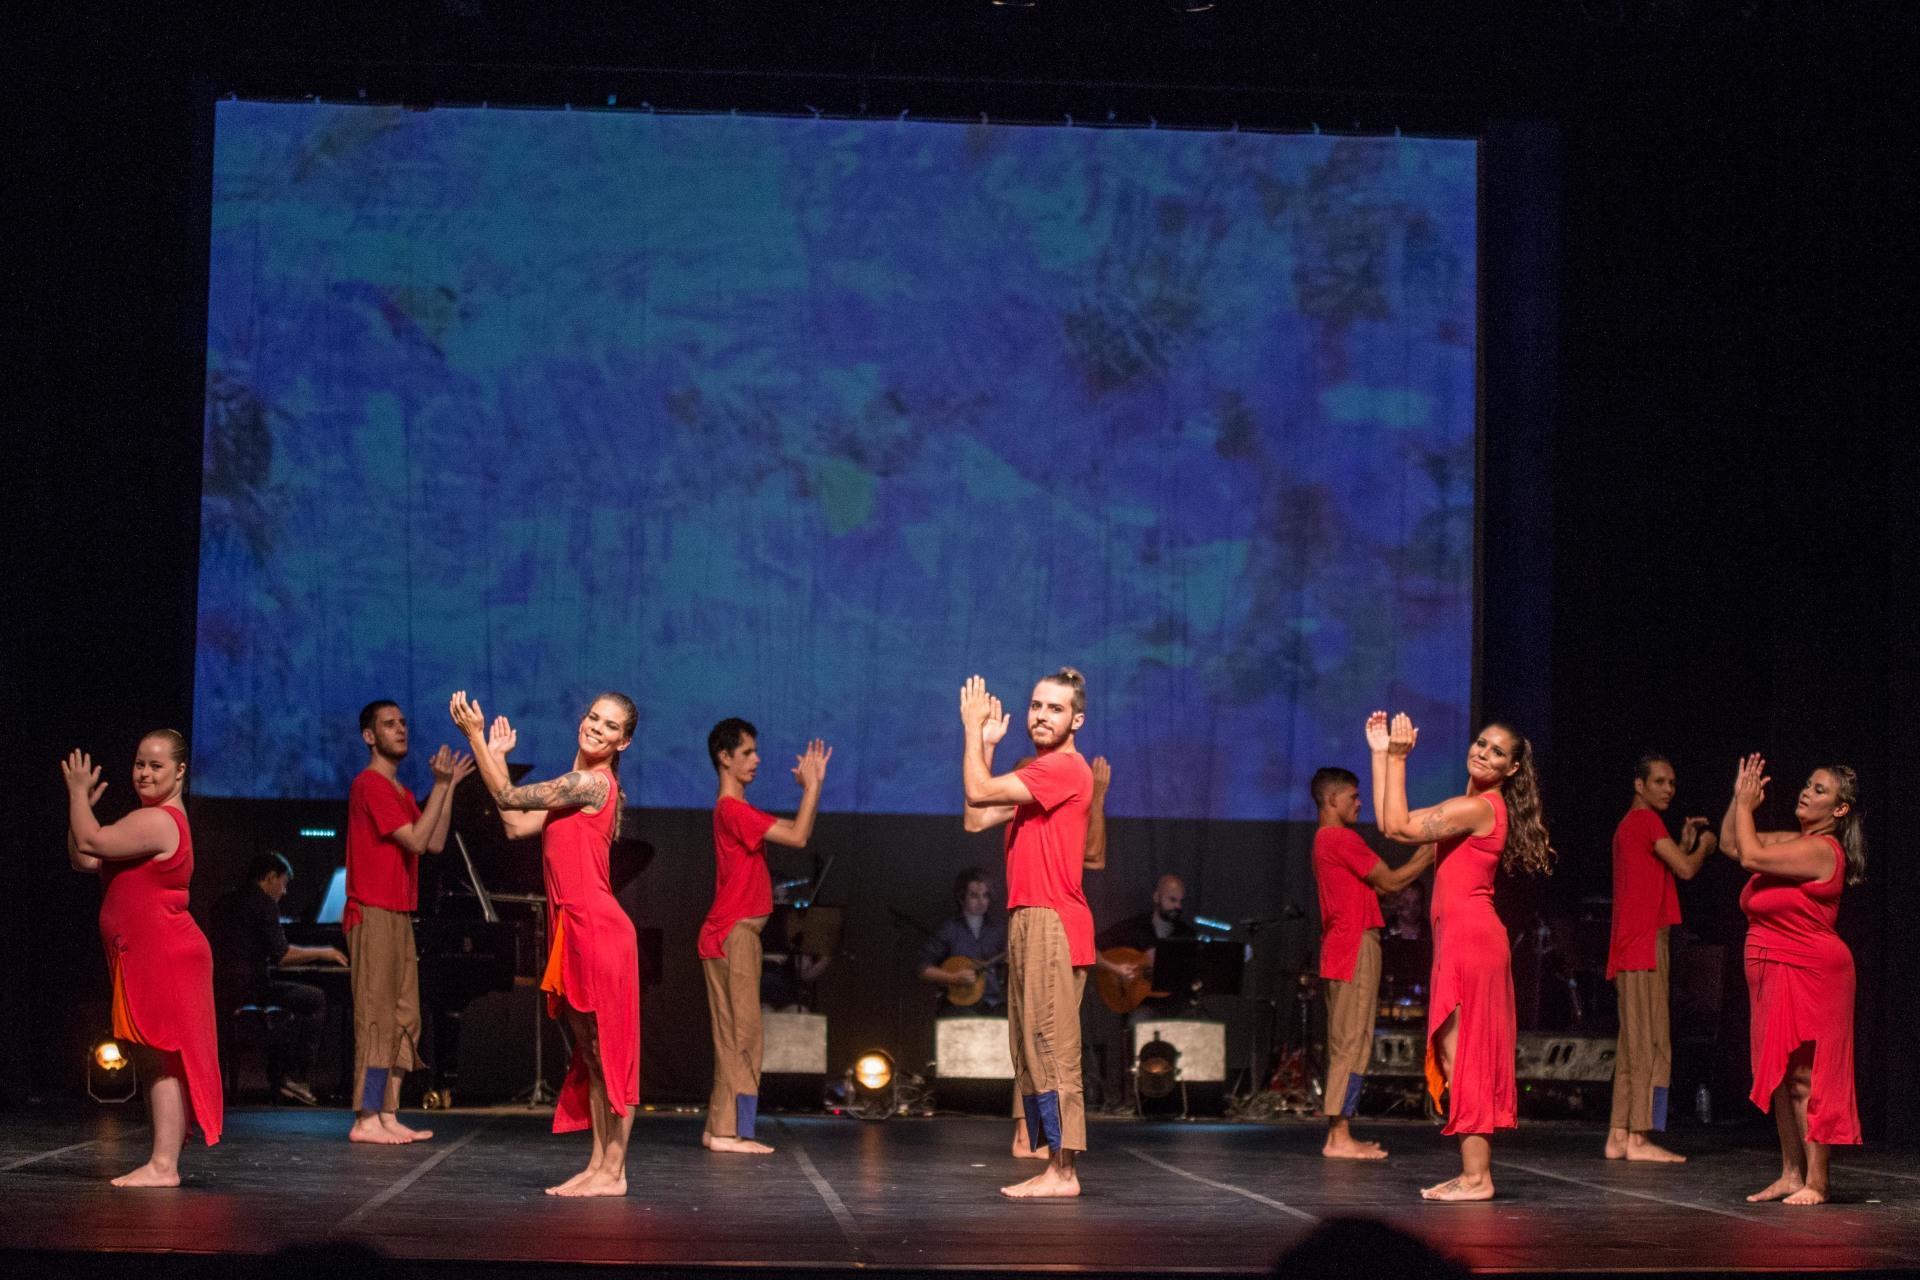 Dança e música como construção discursiva e social